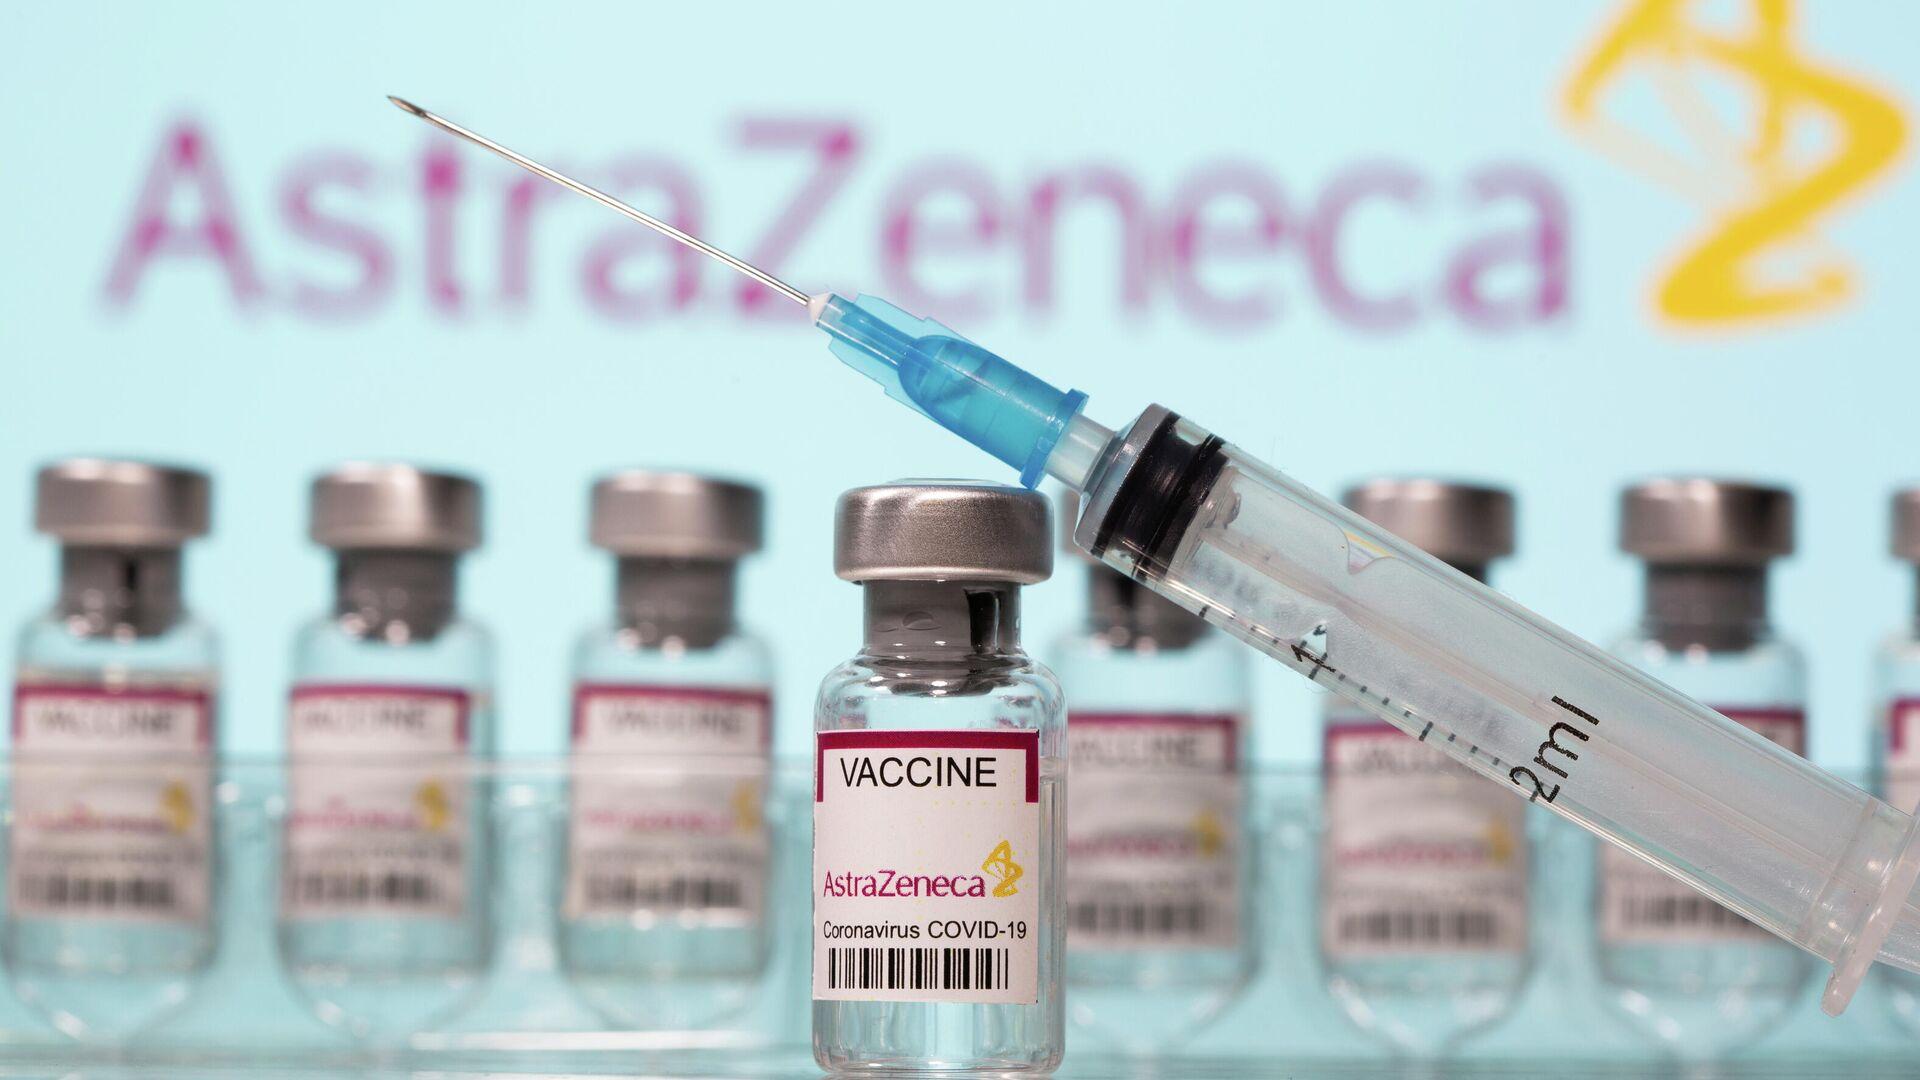 La vacuna AstraZeneca - Sputnik Mundo, 1920, 17.03.2021